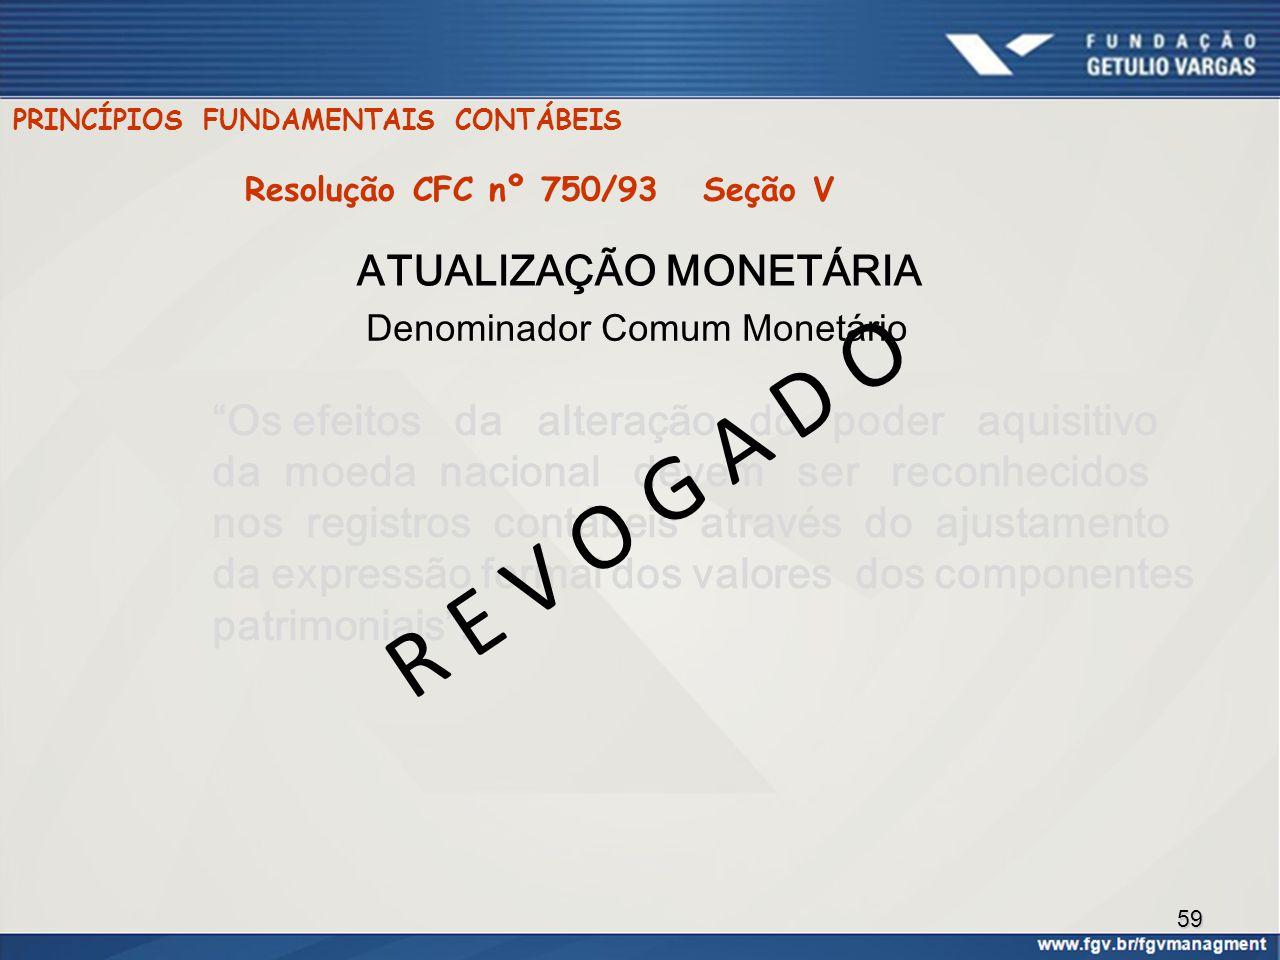 """59 PRINCÍPIOS FUNDAMENTAIS CONTÁBEIS ATUALIZAÇÃO MONETÁRIA """"Os efeitos da alteração do poder aquisitivo da moeda nacional devem ser reconhecidos nos r"""